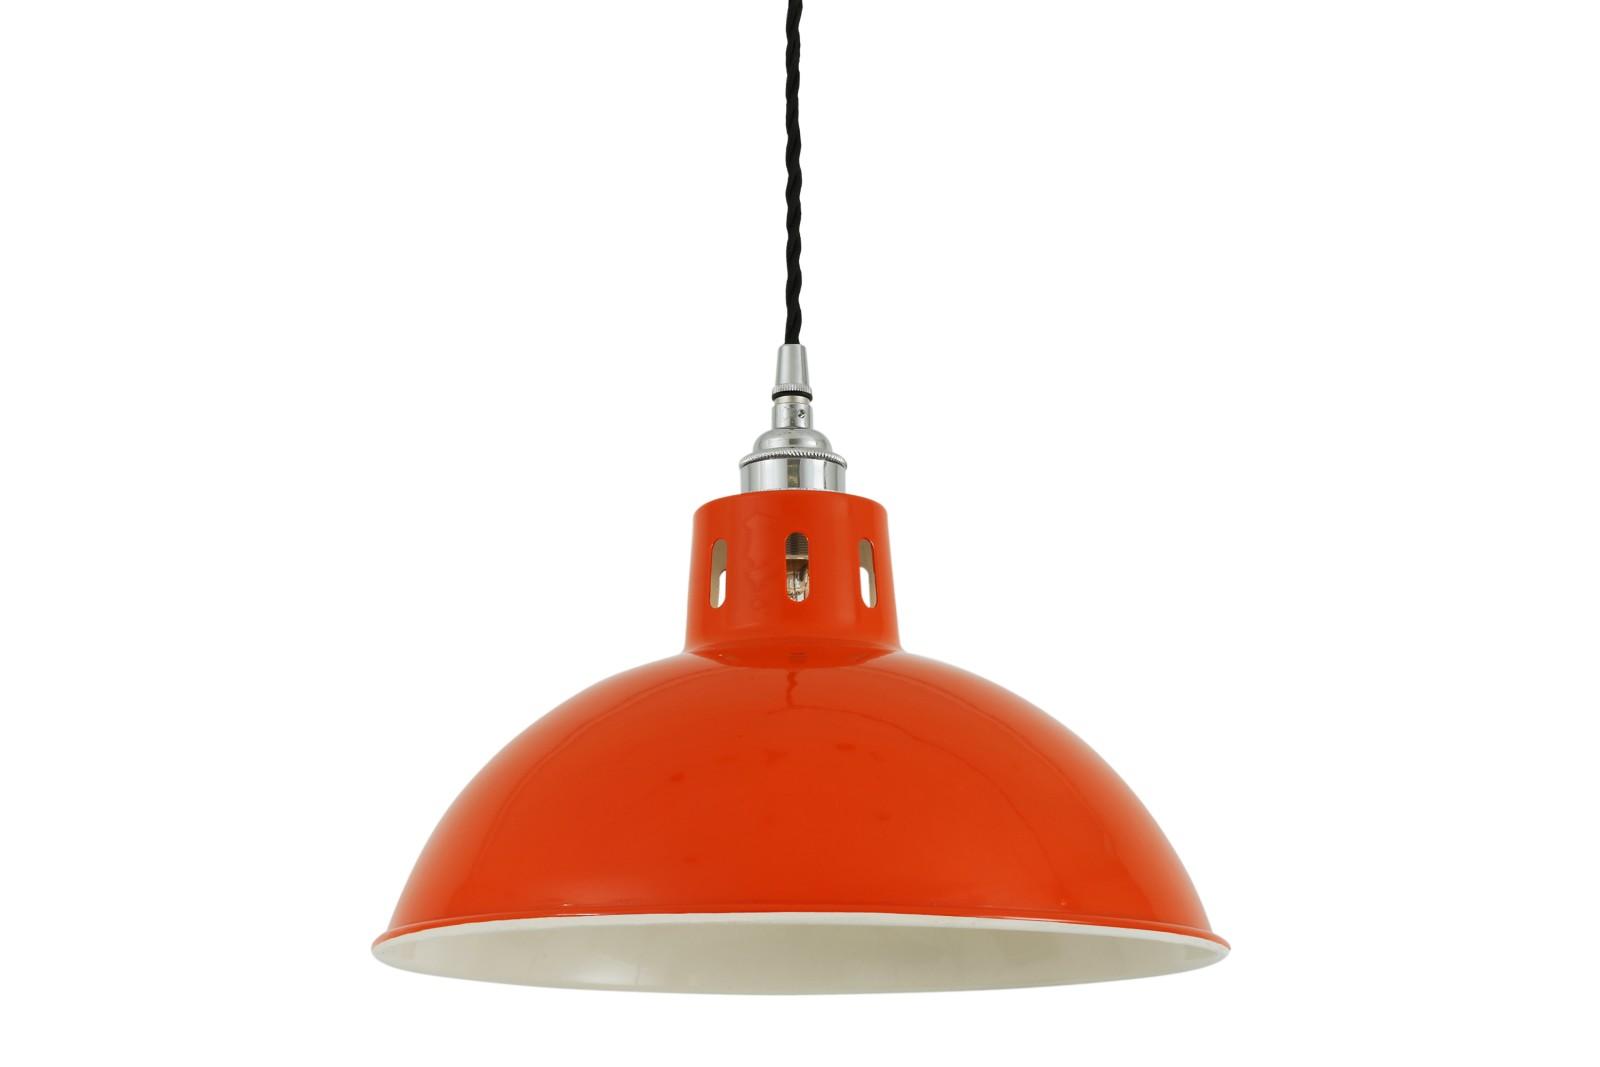 Osson Pendant Light Powder Coated Orange